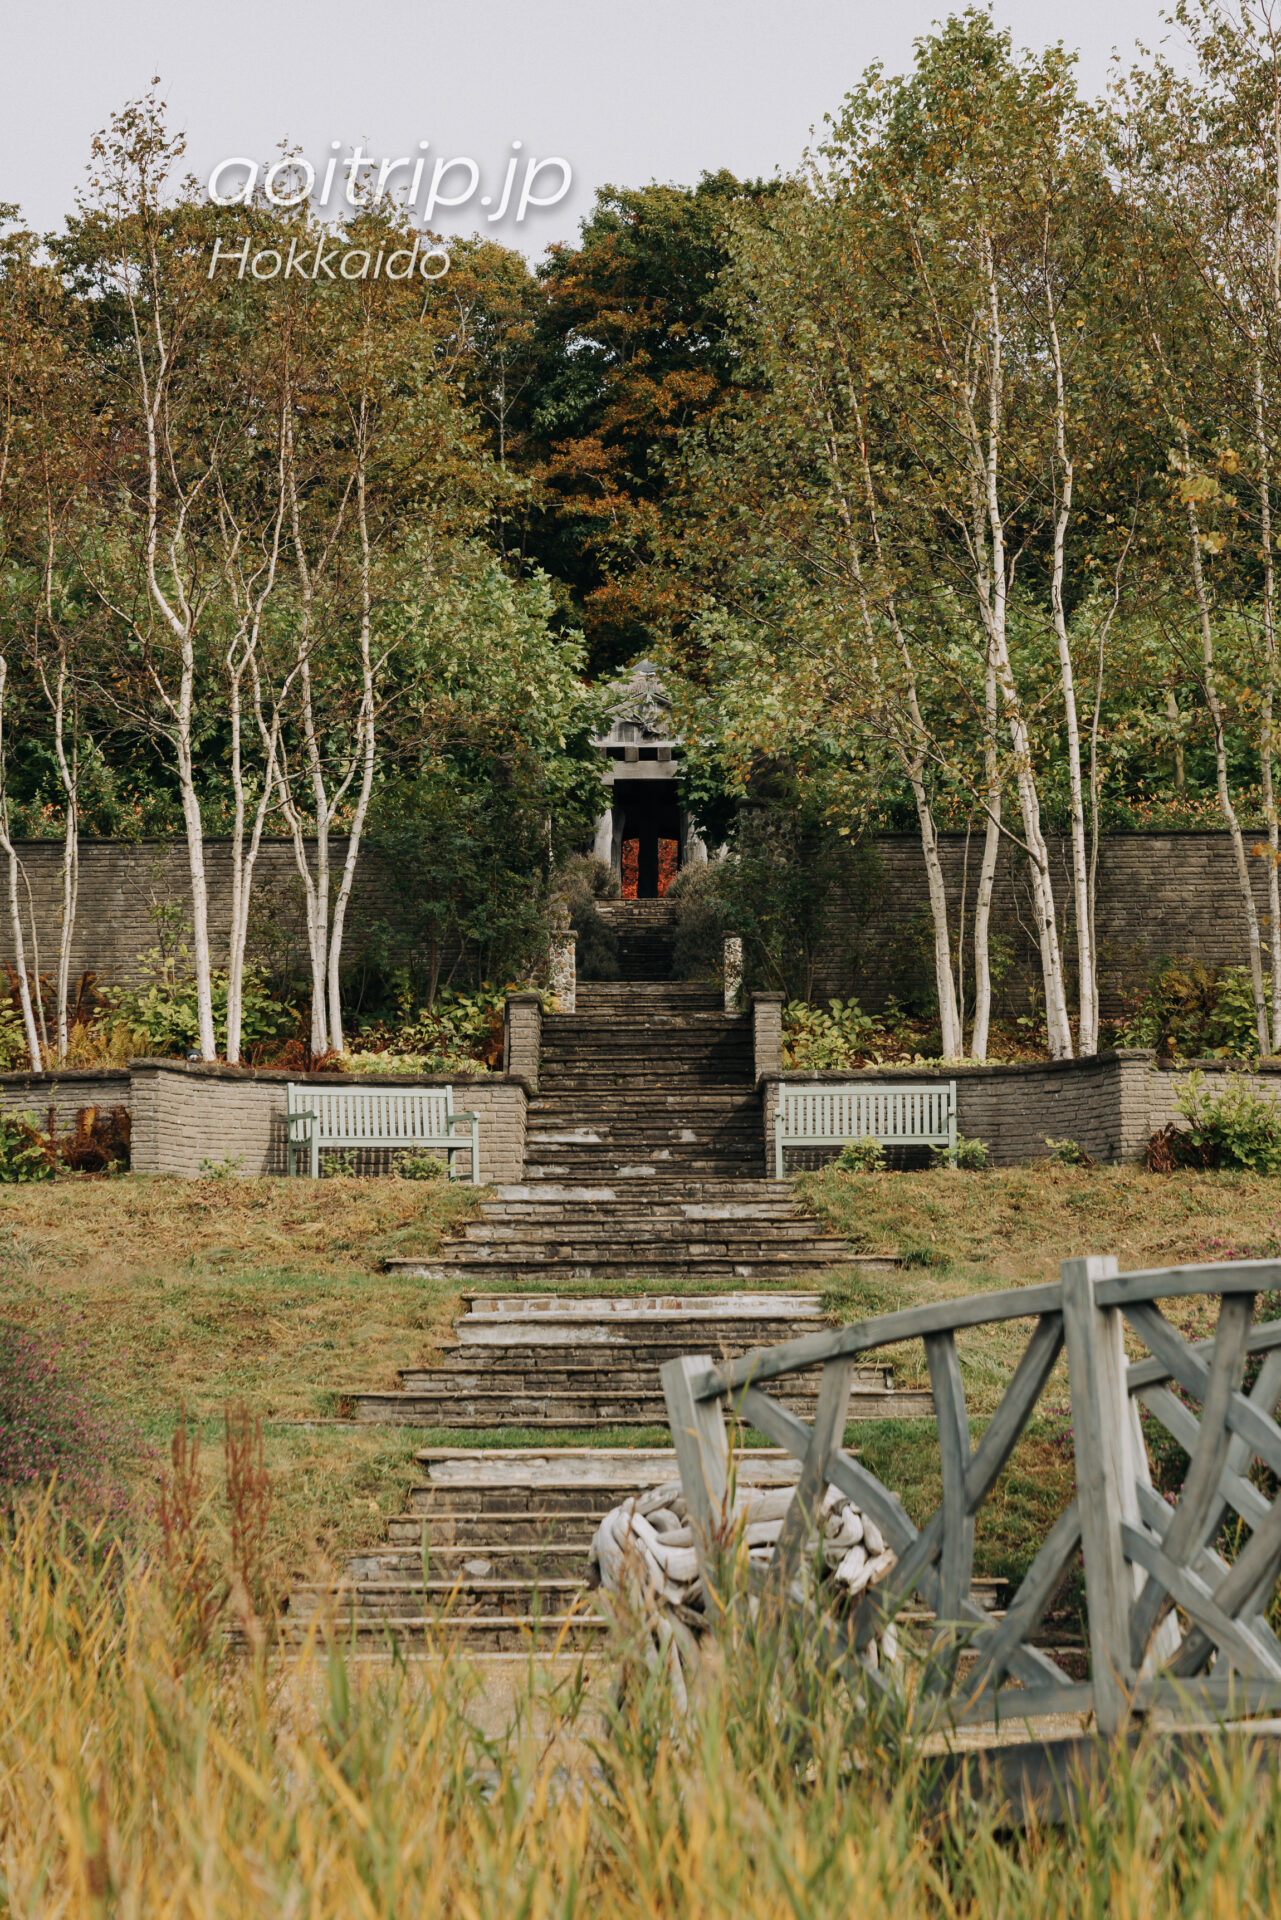 えこりん村 Ecorin Village 銀河庭園のサーペンタインガーデン